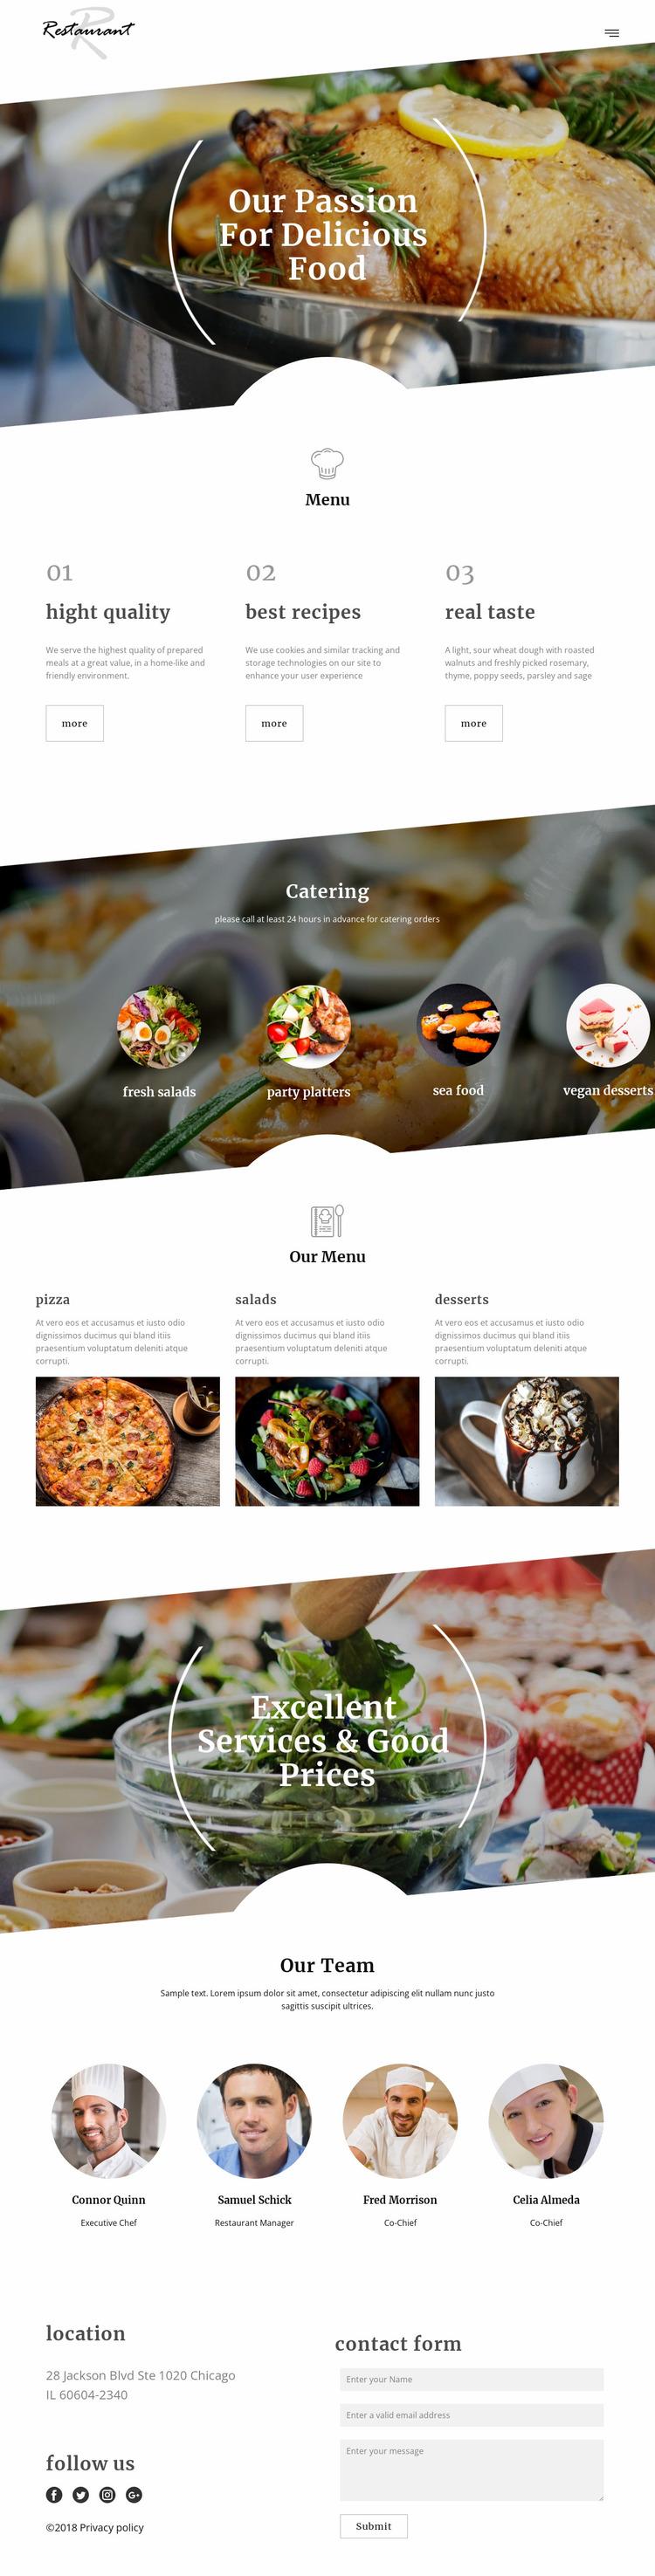 Executive chef recipes Website Mockup